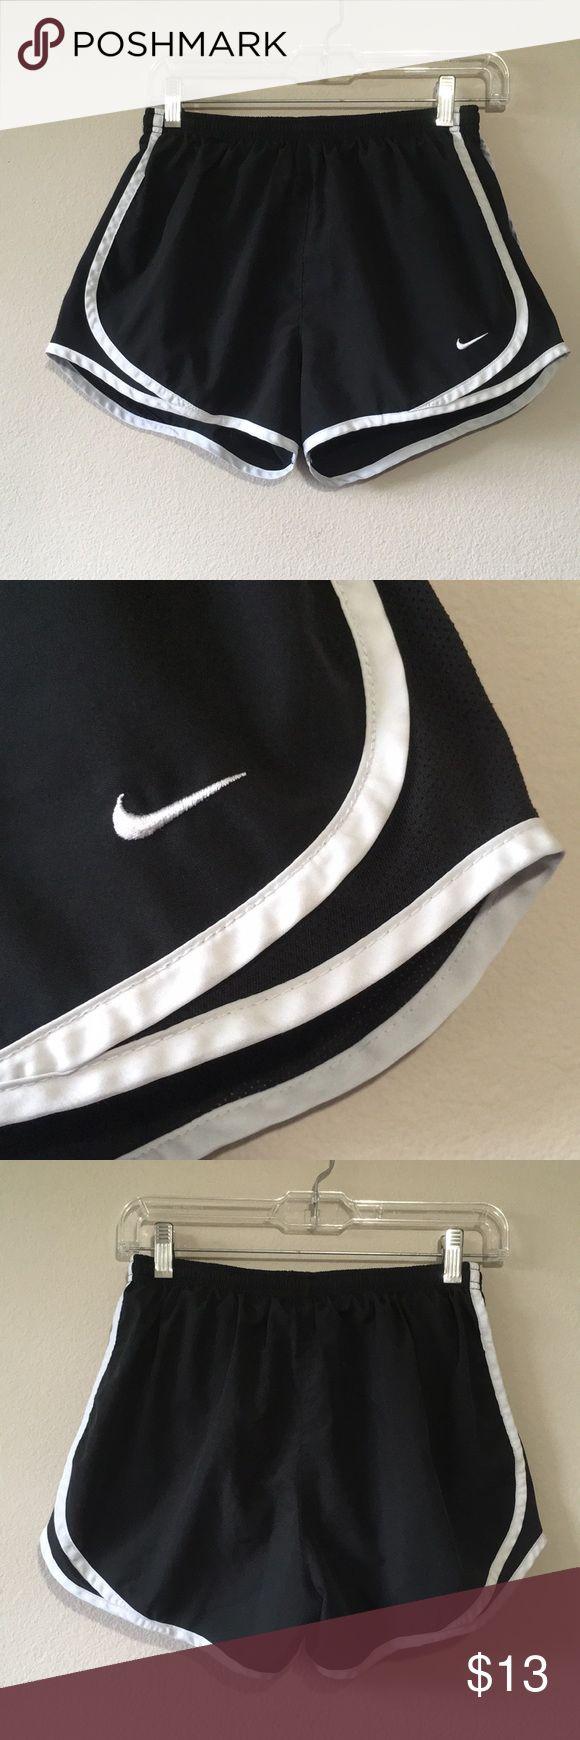 Nike Fit Dry Laufshorts M Dies ist ein Paar schwarz-weiße Nike Fit Dry Laufshorts …   – My Posh Closet